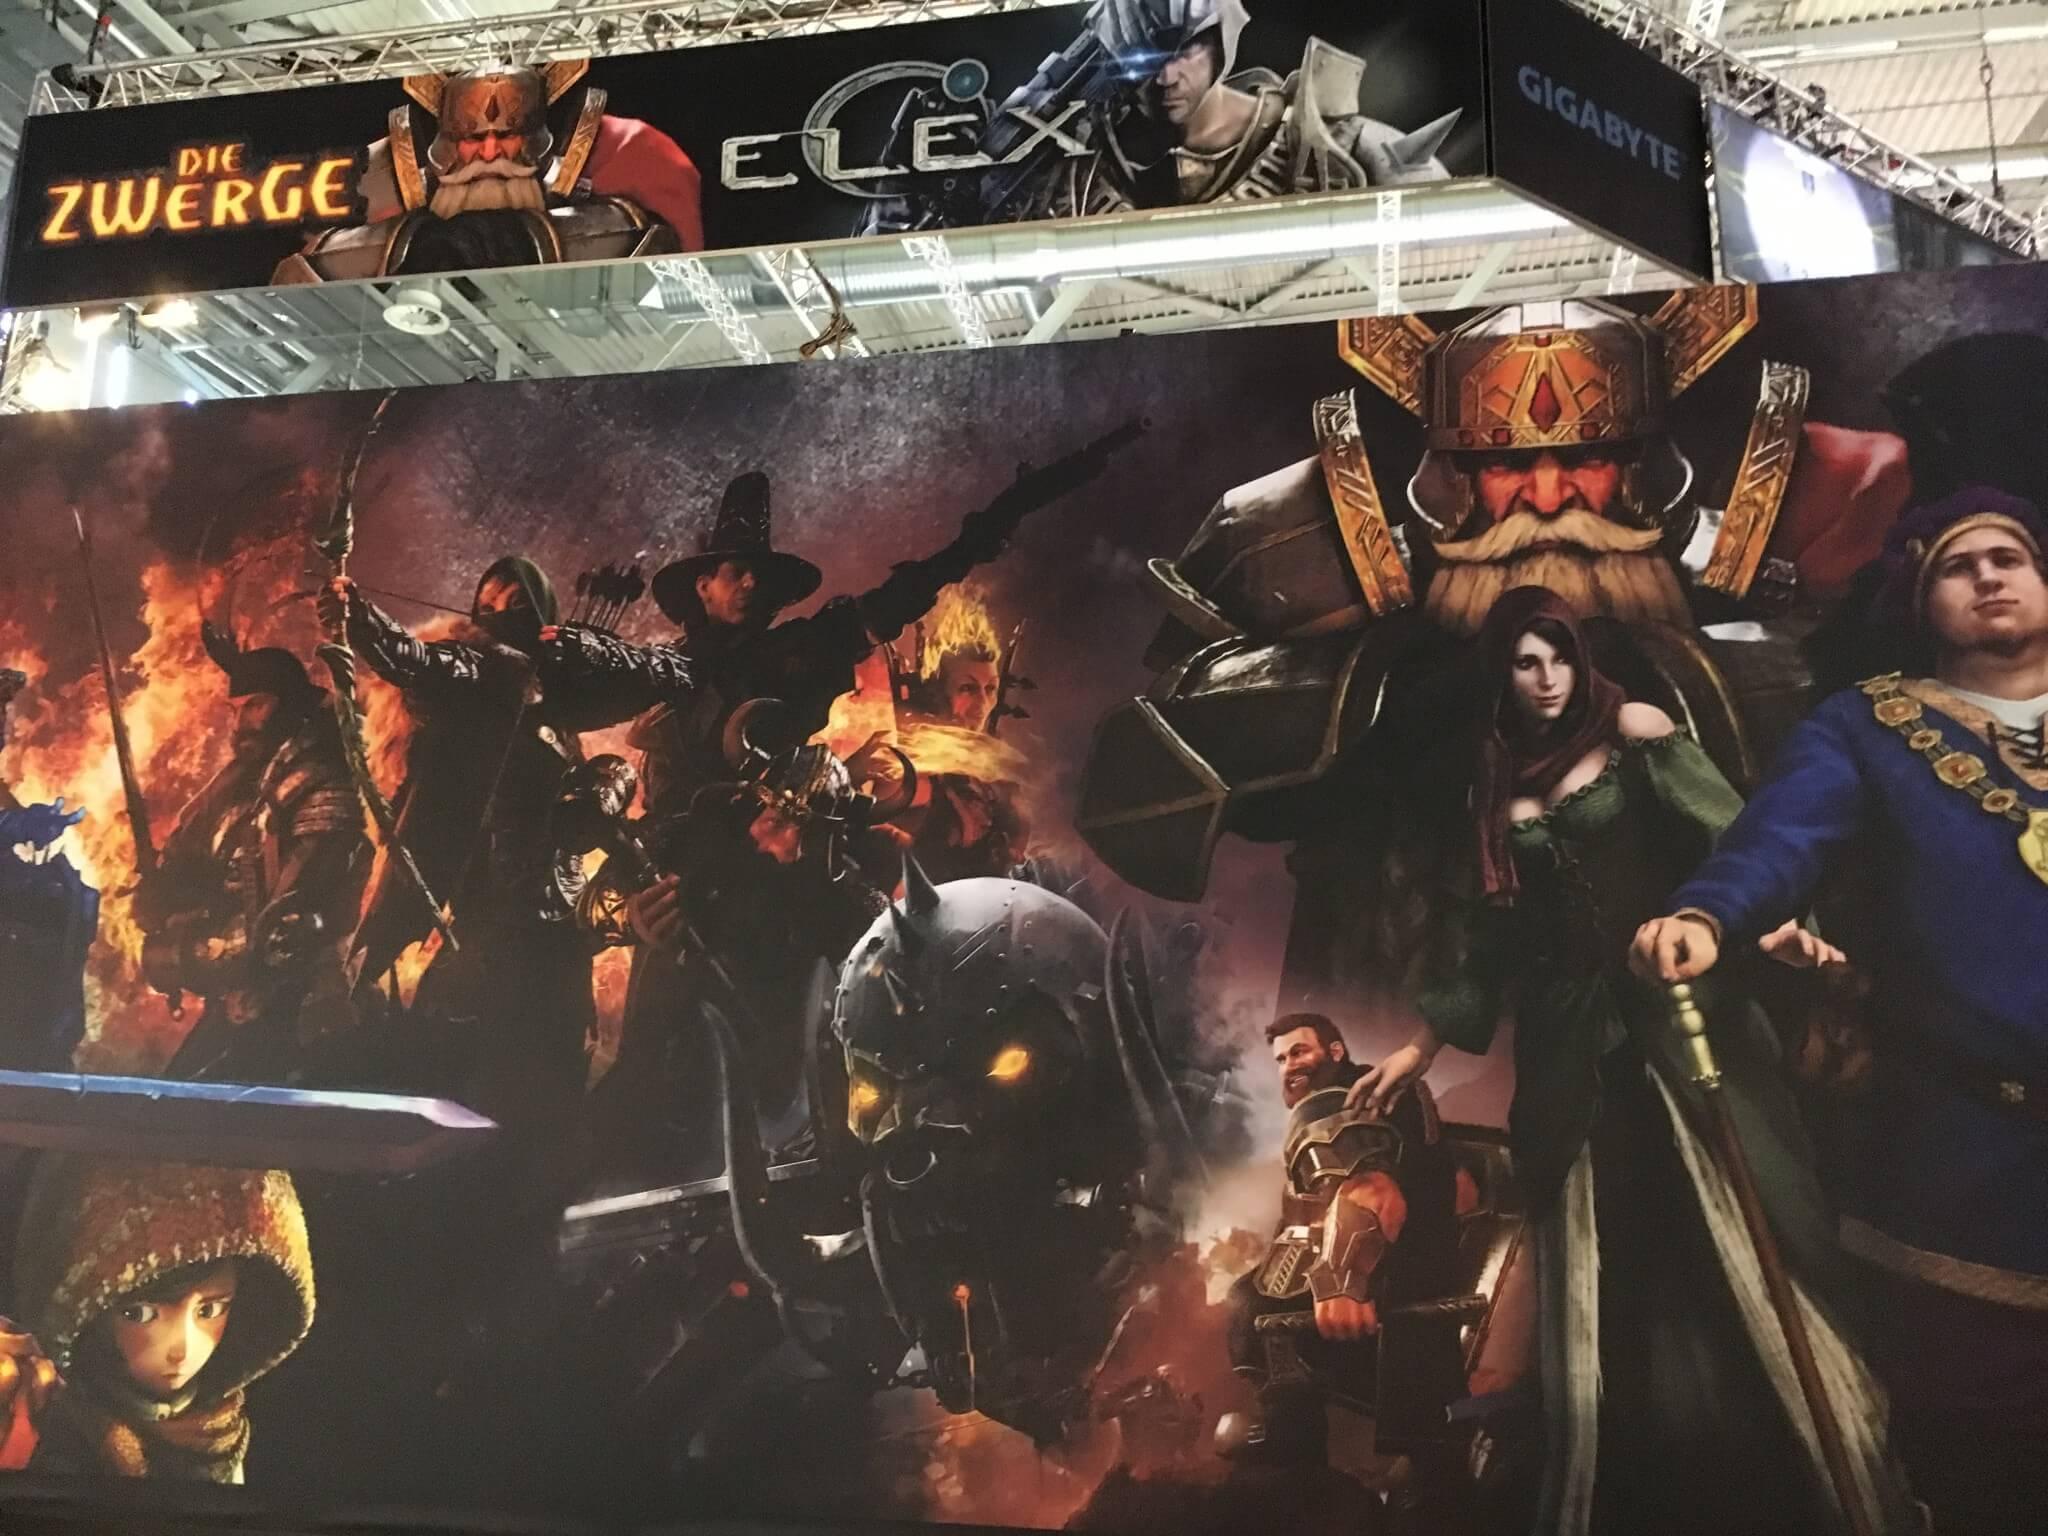 """Gamescom 2016: Den Fantasy-Titel """"Die Zwerge"""" nach der Buchreihe von Markus Heitz gab es am Stand von THQ Nordic zu sehen"""